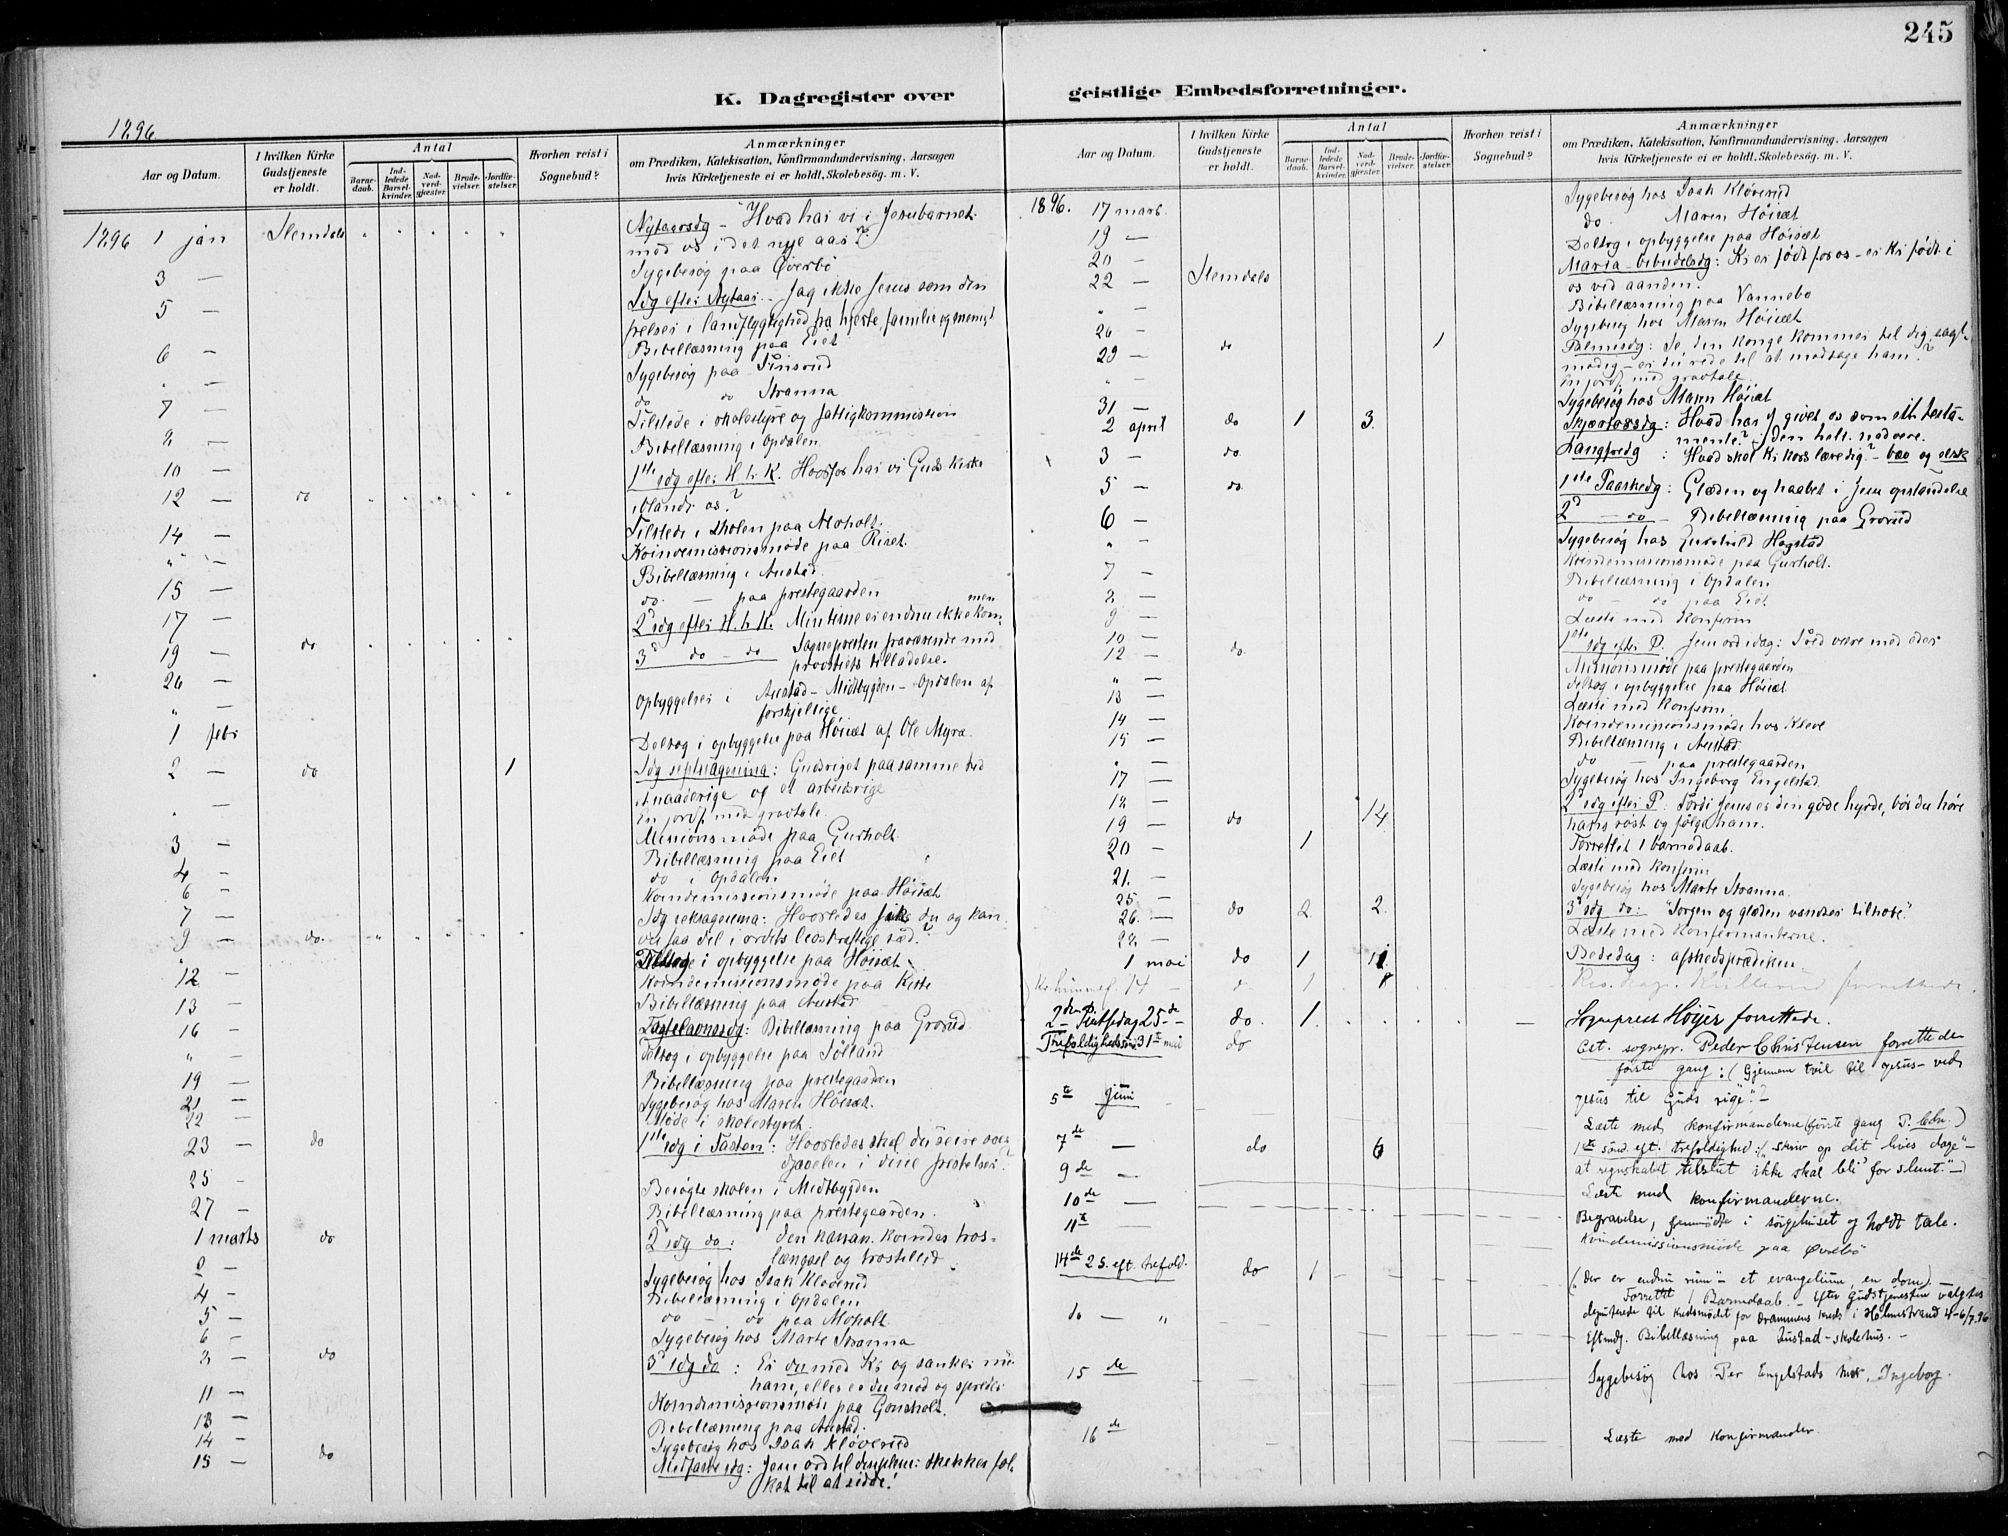 SAKO, Siljan kirkebøker, F/Fa/L0003: Ministerialbok nr. 3, 1896-1910, s. 245